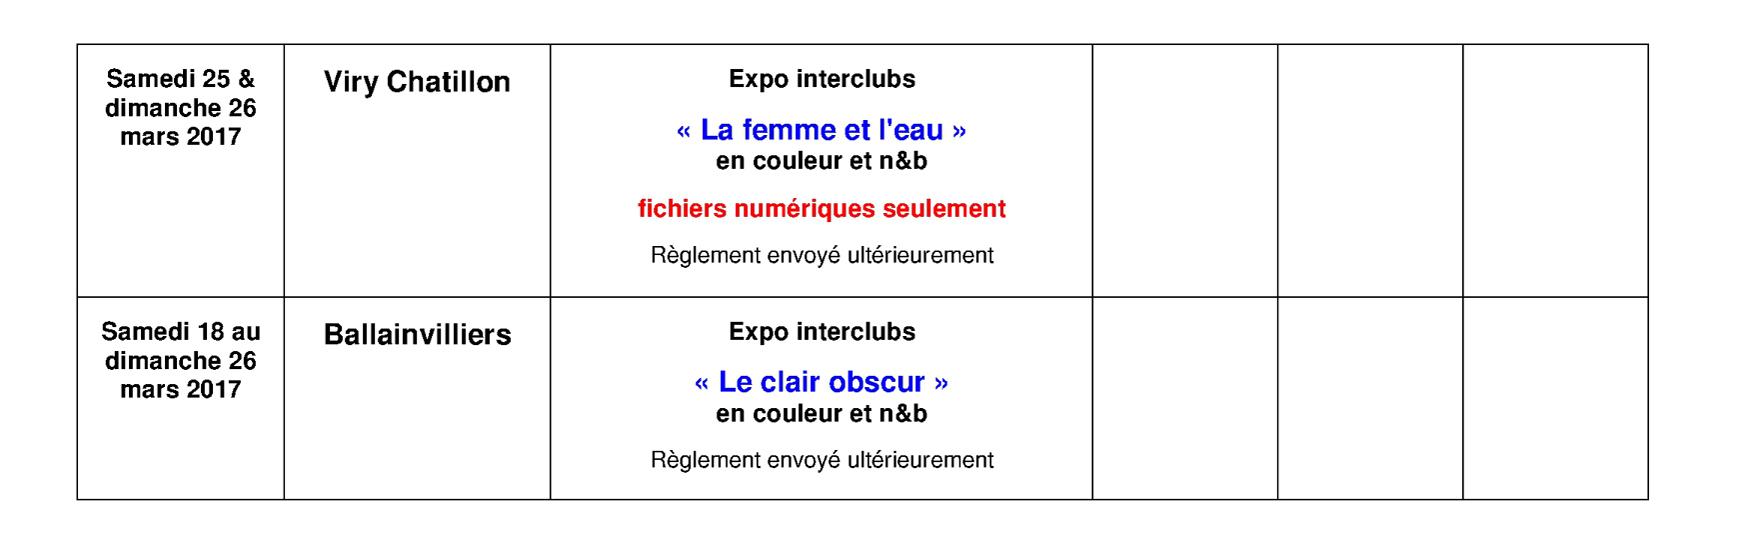 Planning prévisionnel des expos interclubs CDP91 saison 2016-17 version 02 page 4